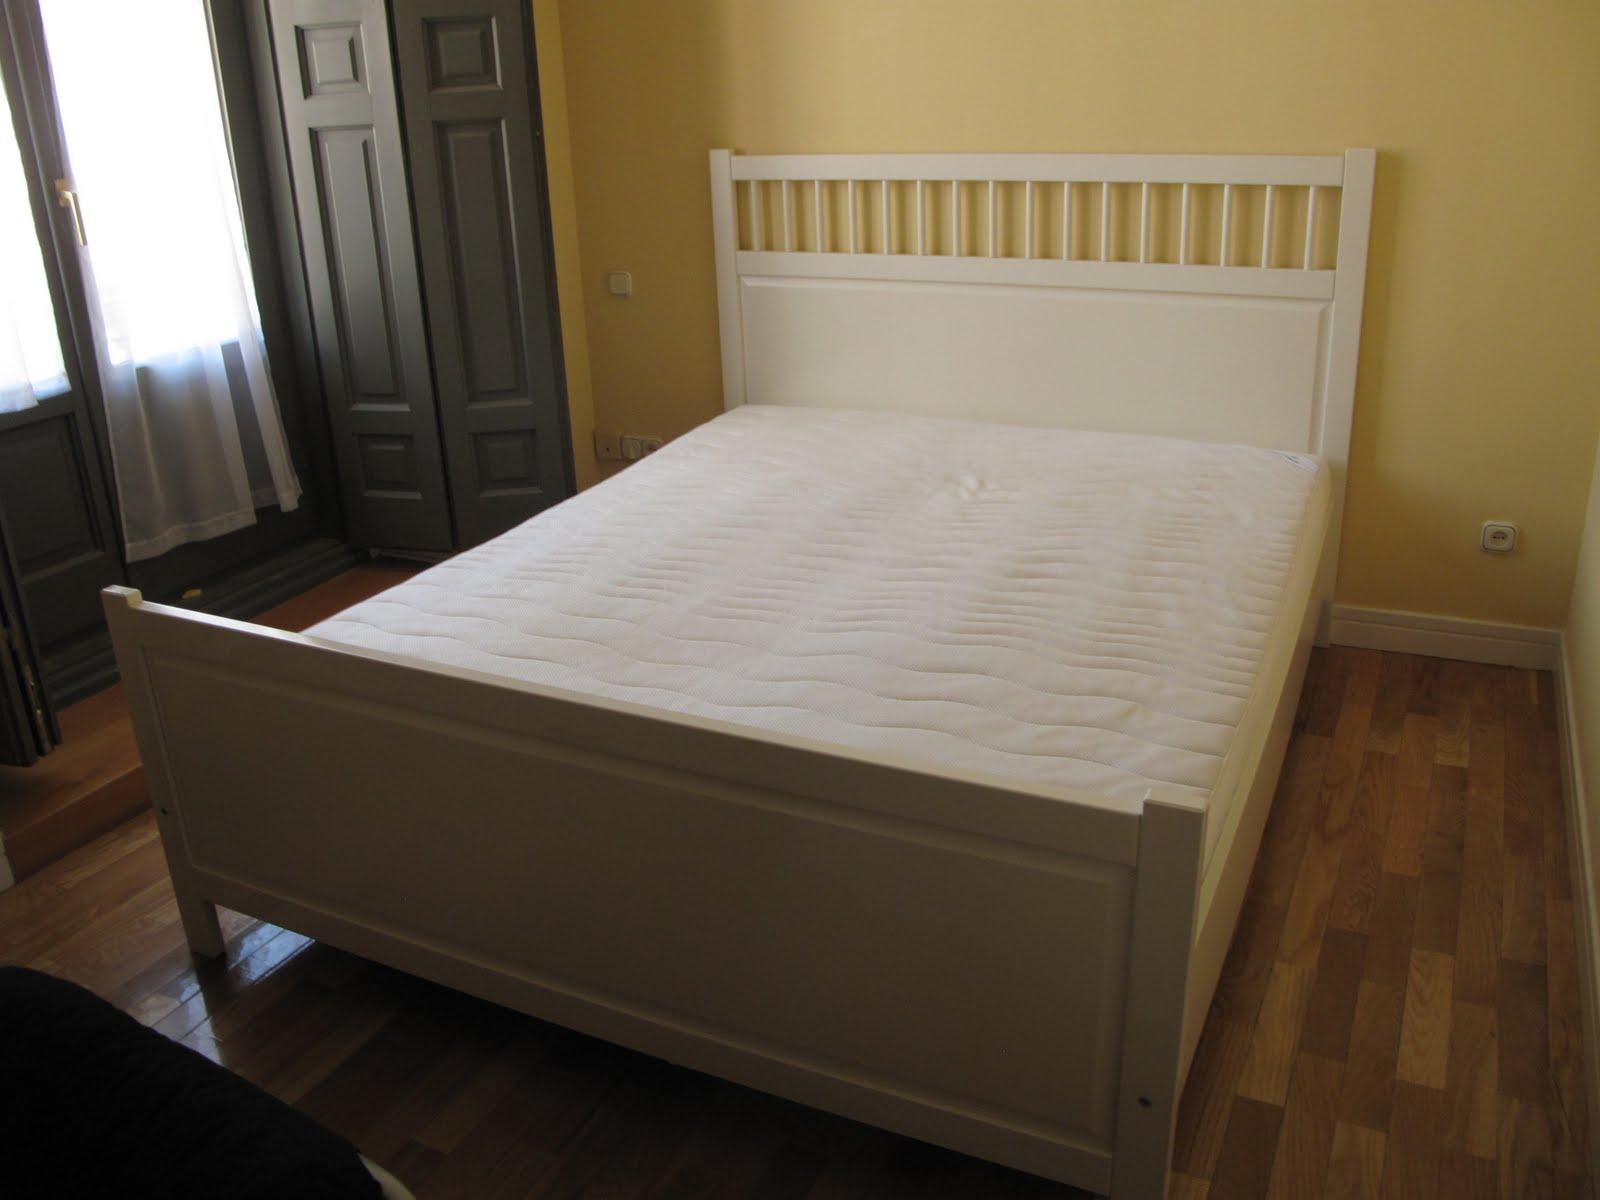 Venta de muebles en madrid cama doble - Cama doble ikea ...